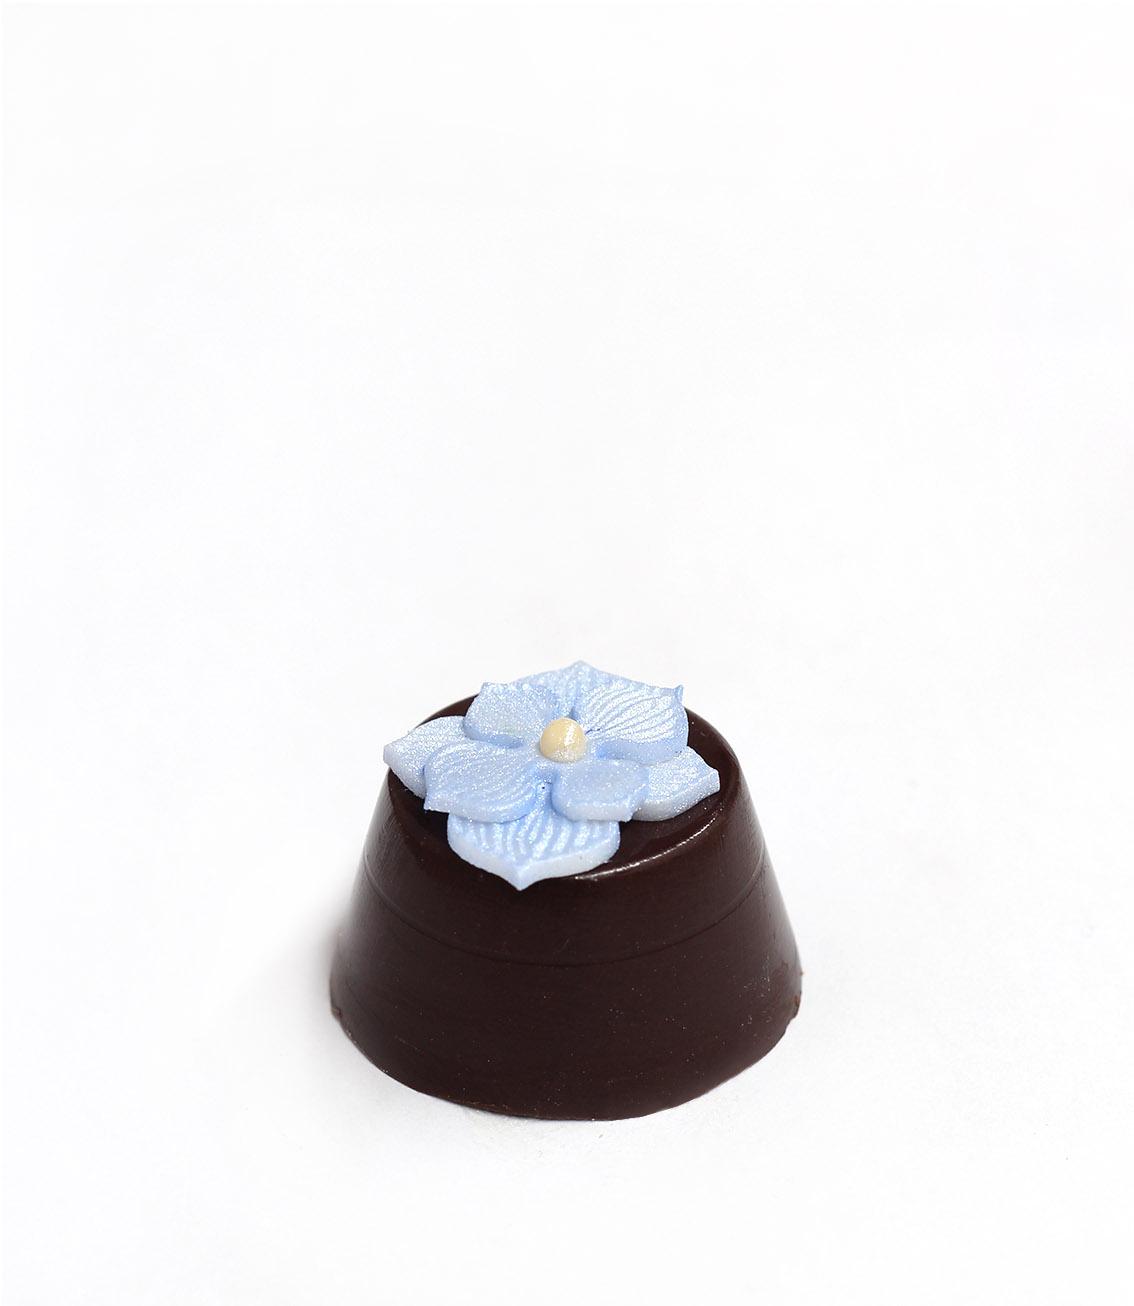 Bombom Nutella